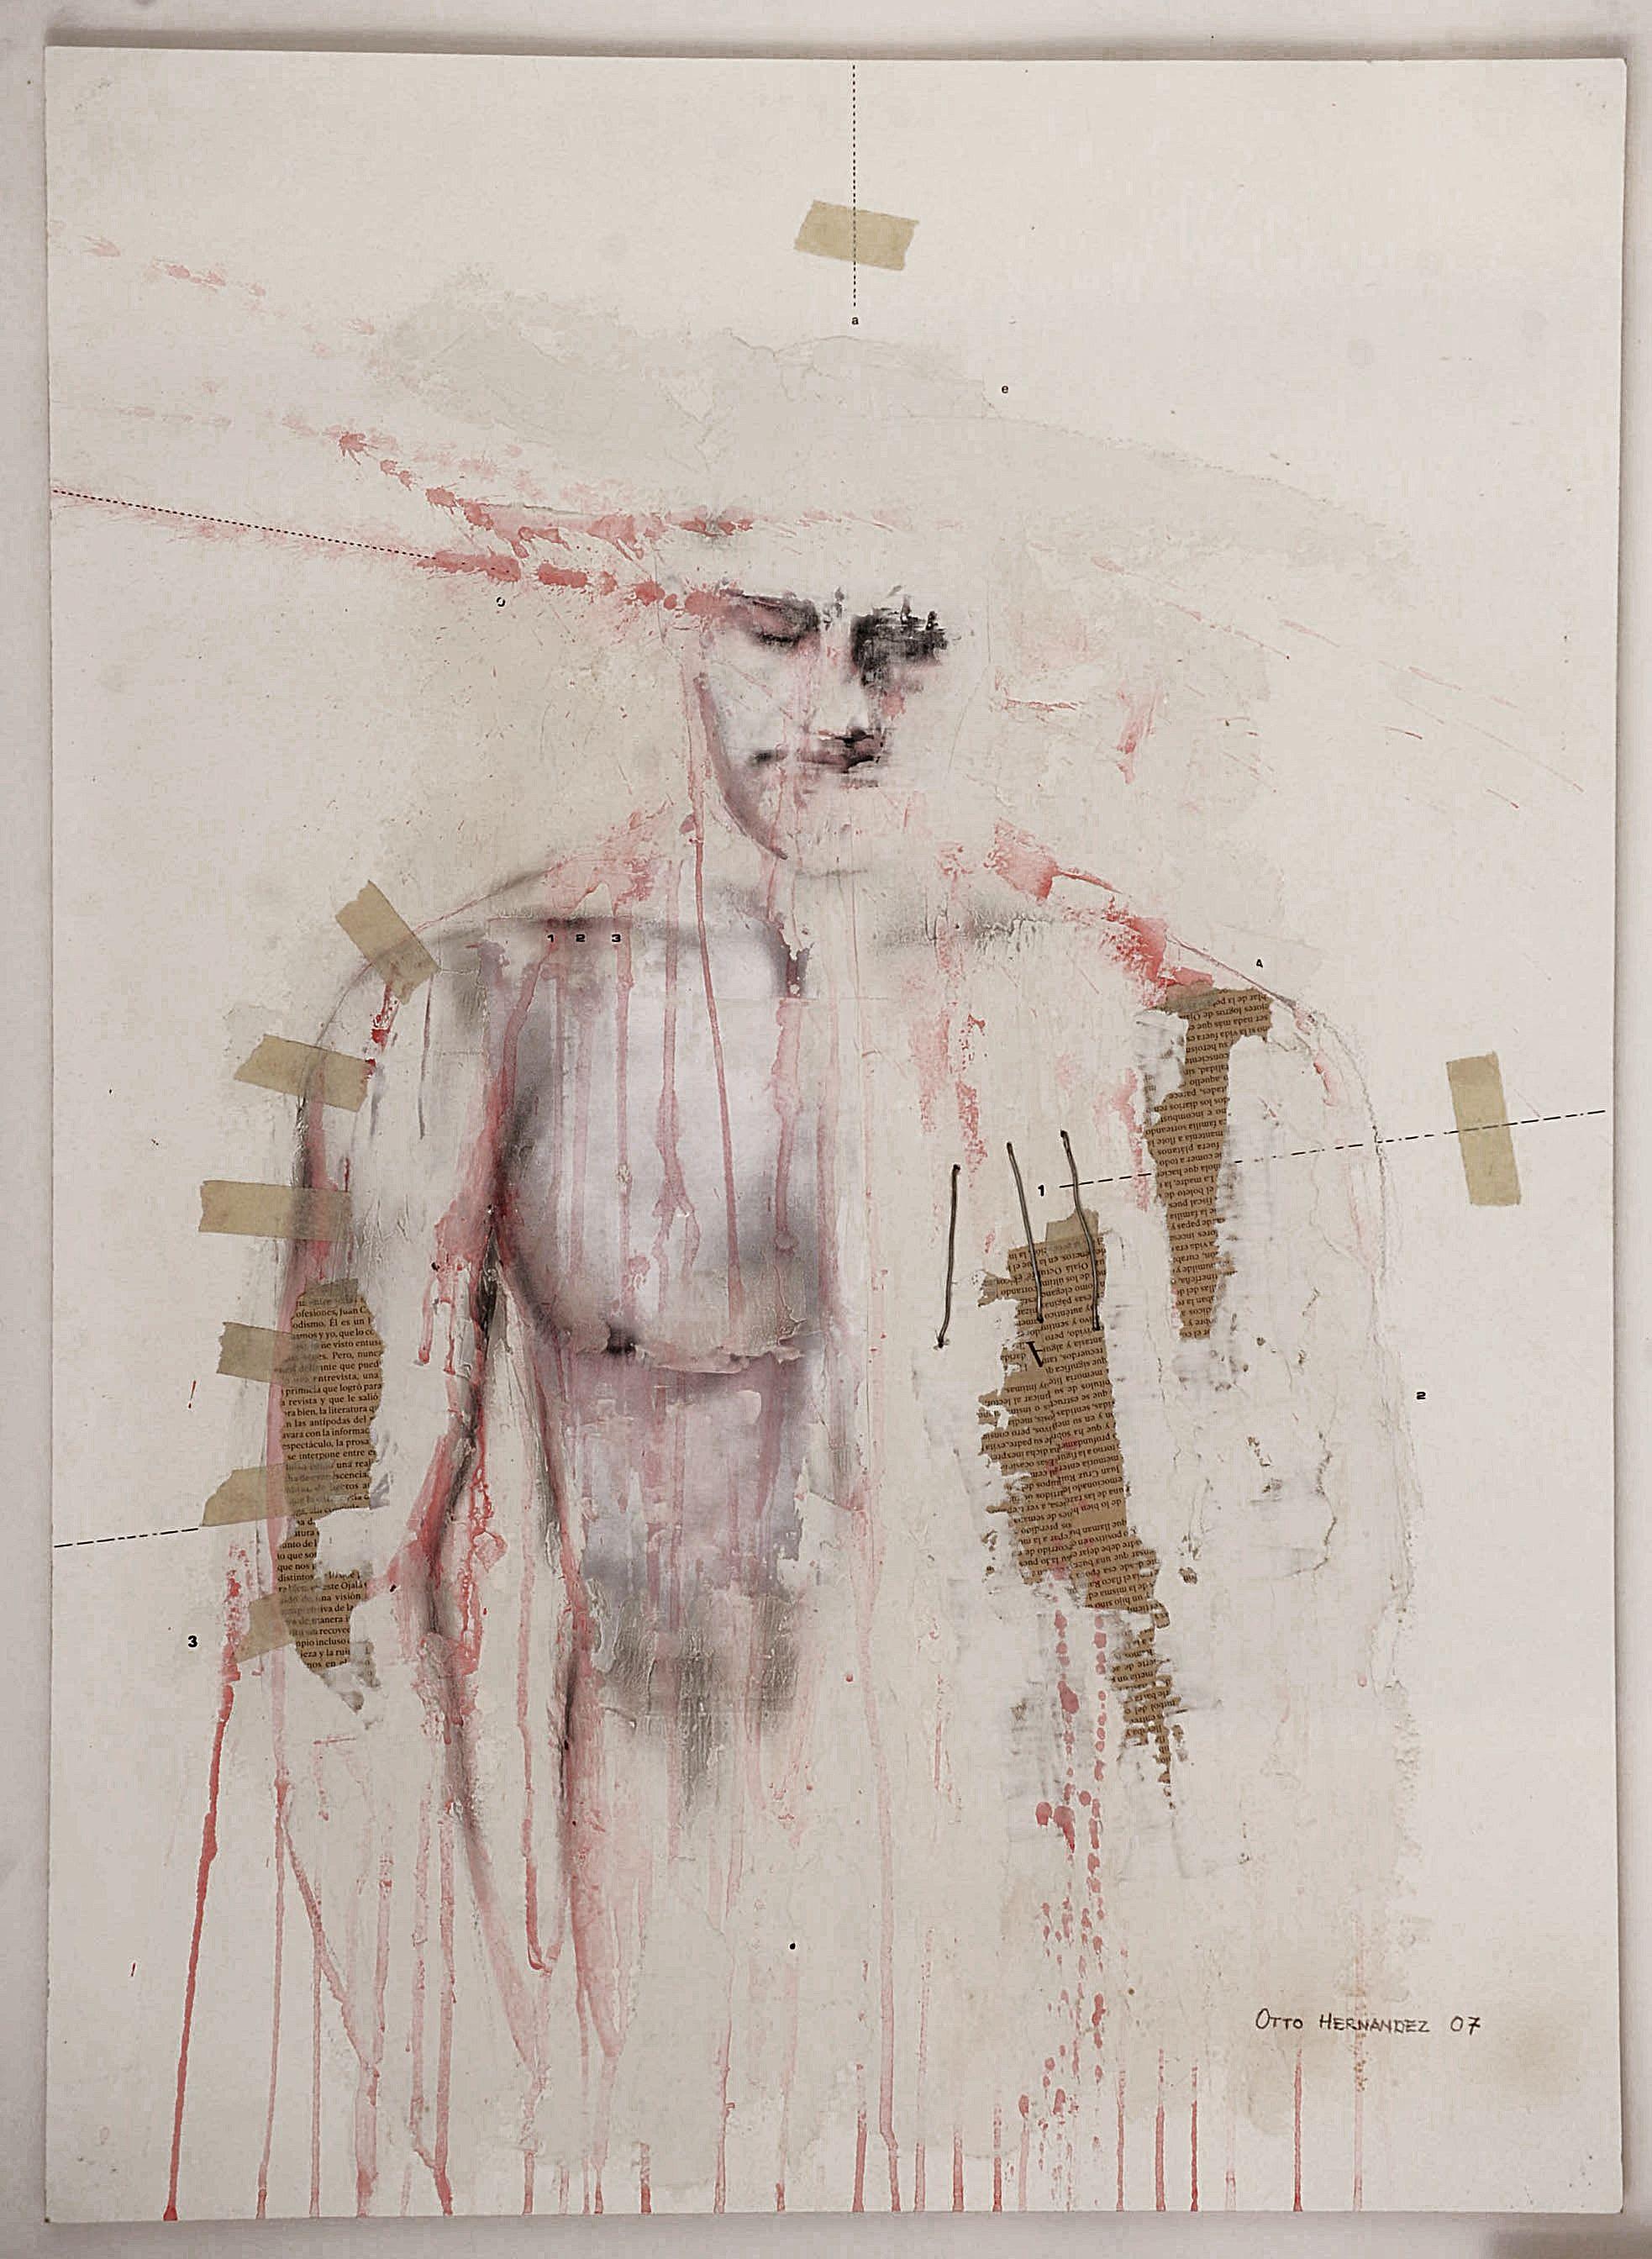 """1er lugar Certámen de Pintura Asamblea Legislativa de El Salvador. Título: """"Ruido Blanco"""", técnica: mixta sobre papel, año: 2007, autor: Otto Hernández"""